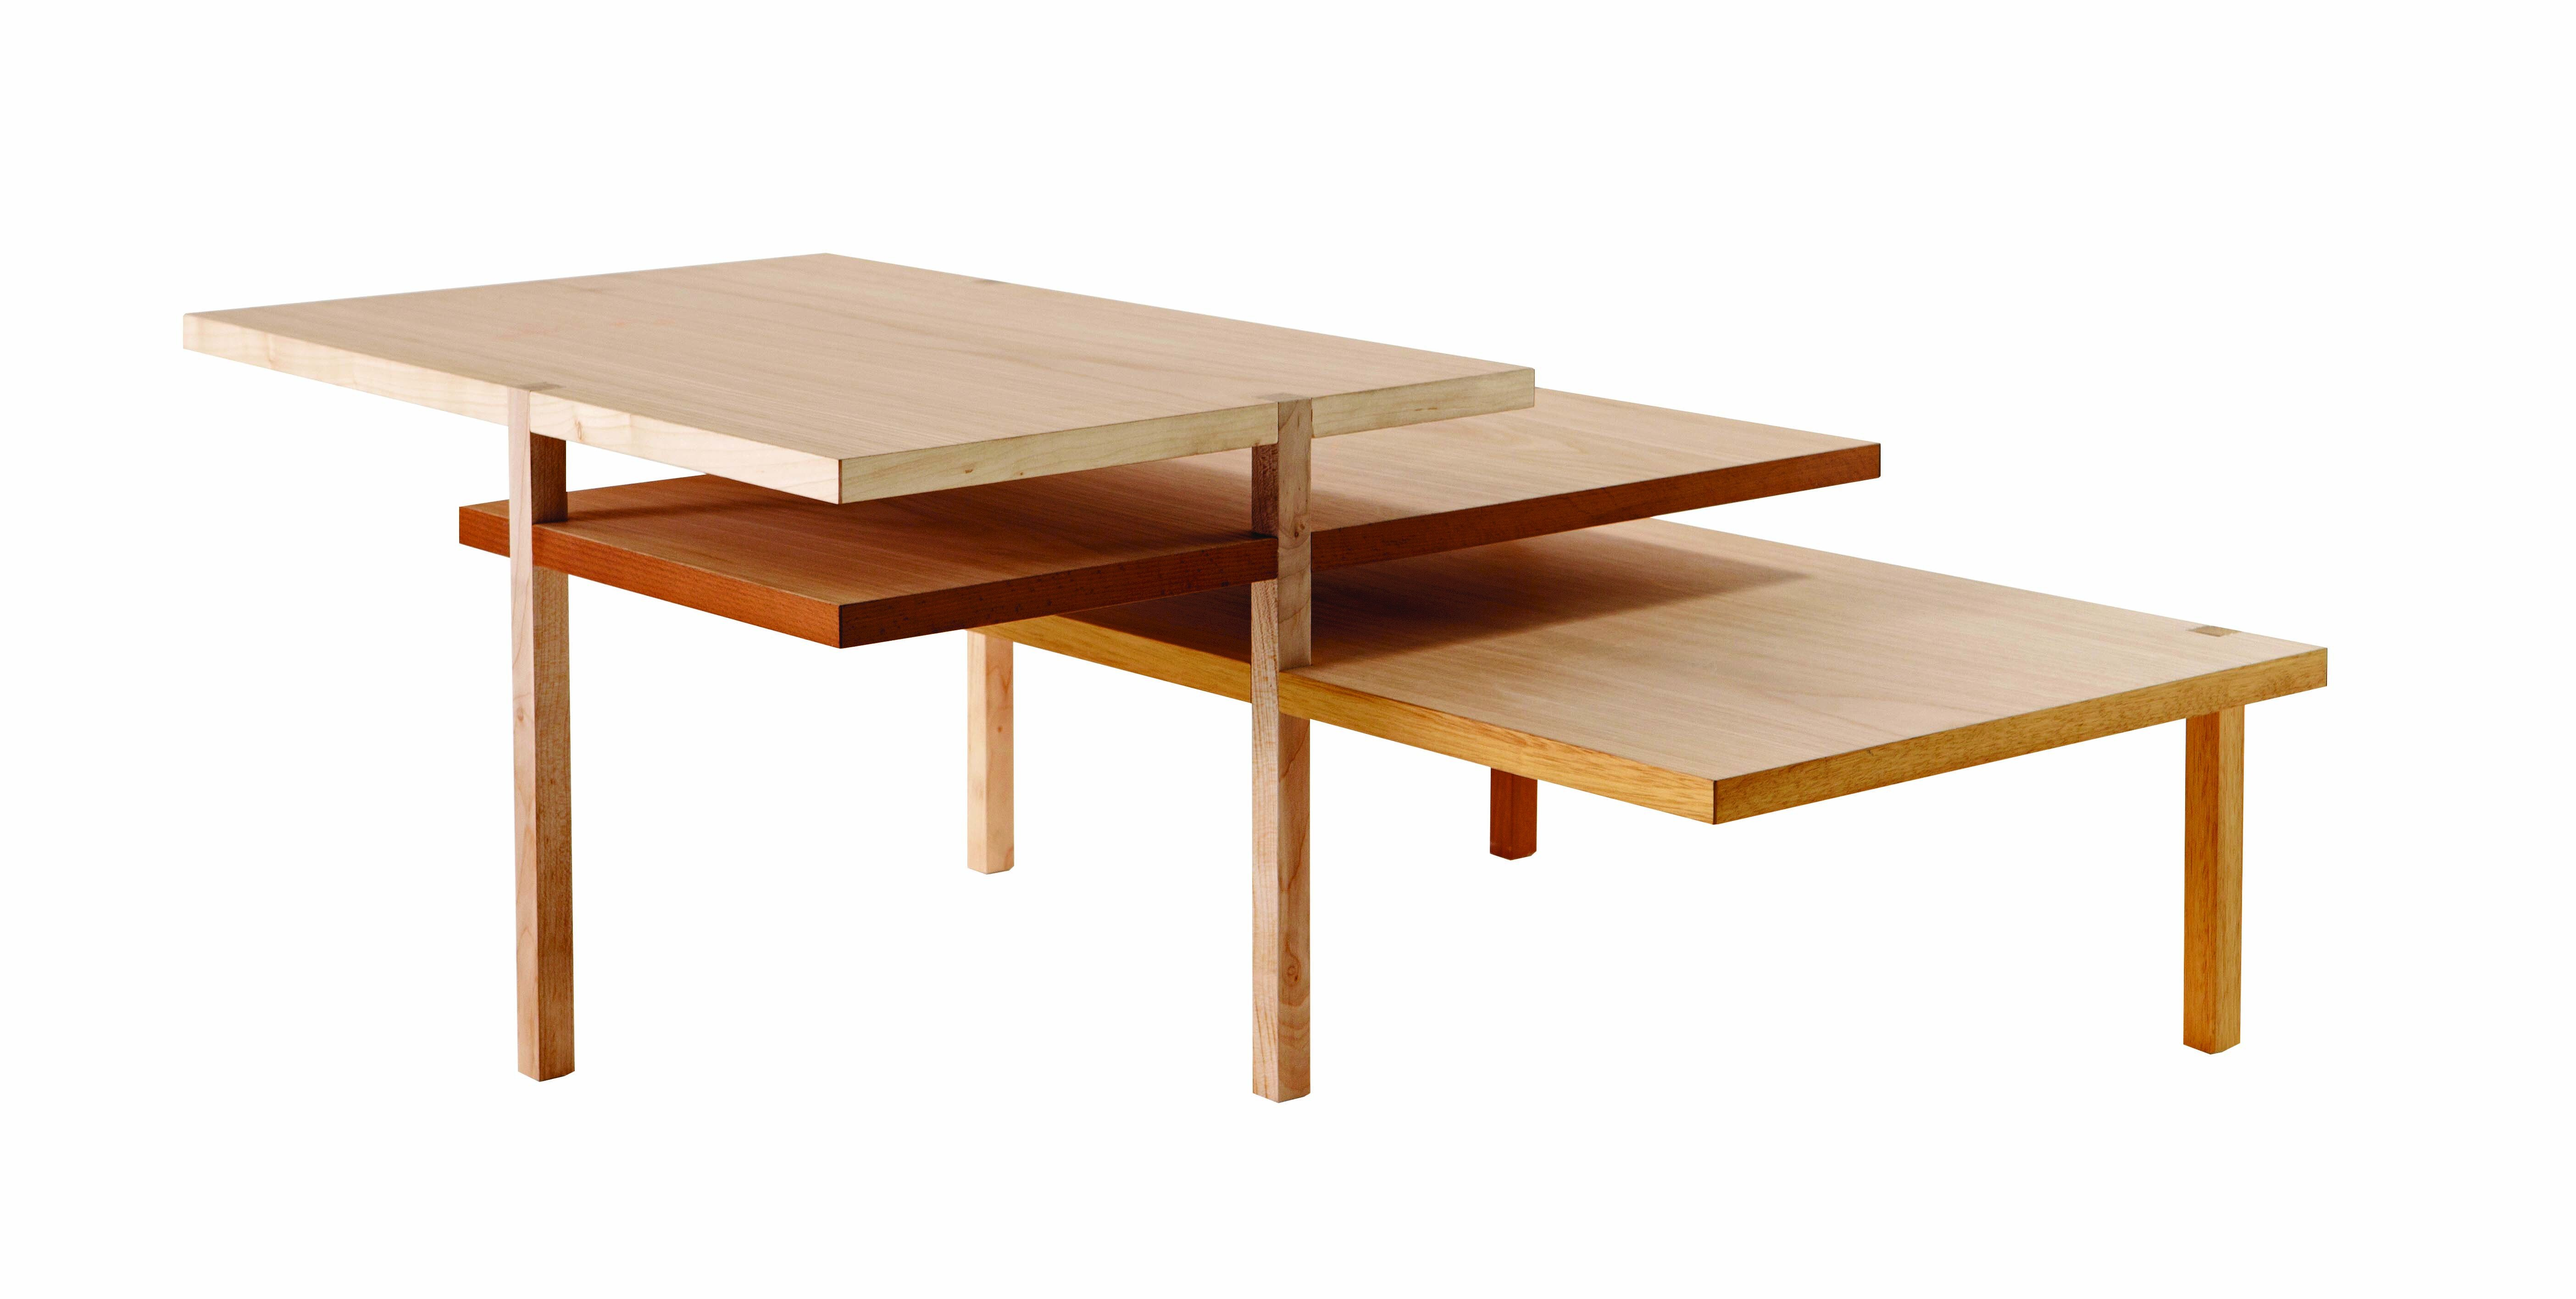 table basse en bois de salon avec porte revues int gr. Black Bedroom Furniture Sets. Home Design Ideas